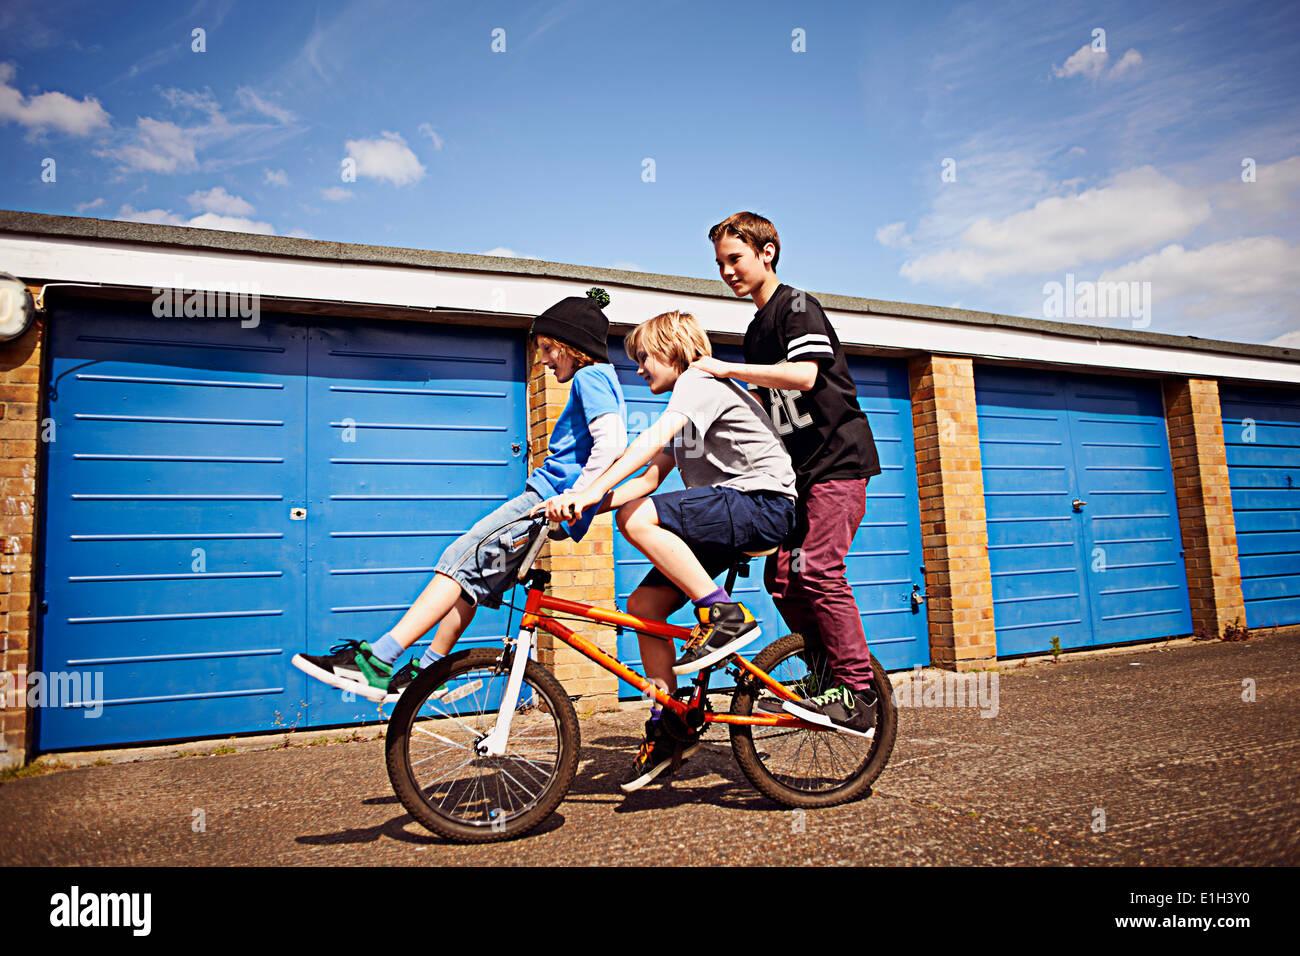 Jungen geben zwei Freunde eine Fahrt auf Fahrrad Stockfoto